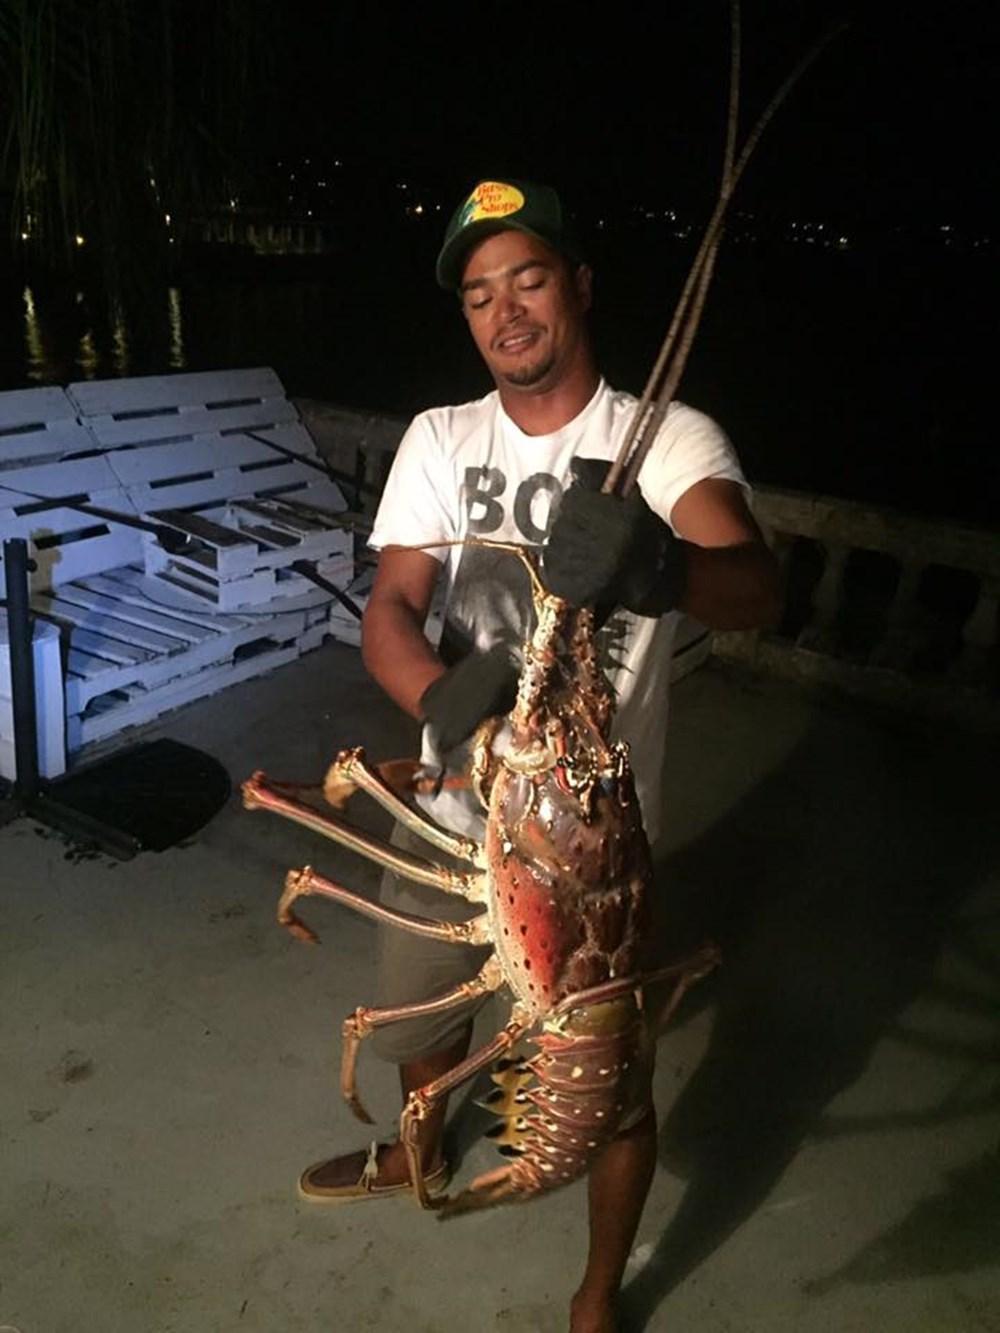 重量6キロ以上! バミューダ海域で捕獲されたヘビー級ロブスターが腰抜かすデカさ